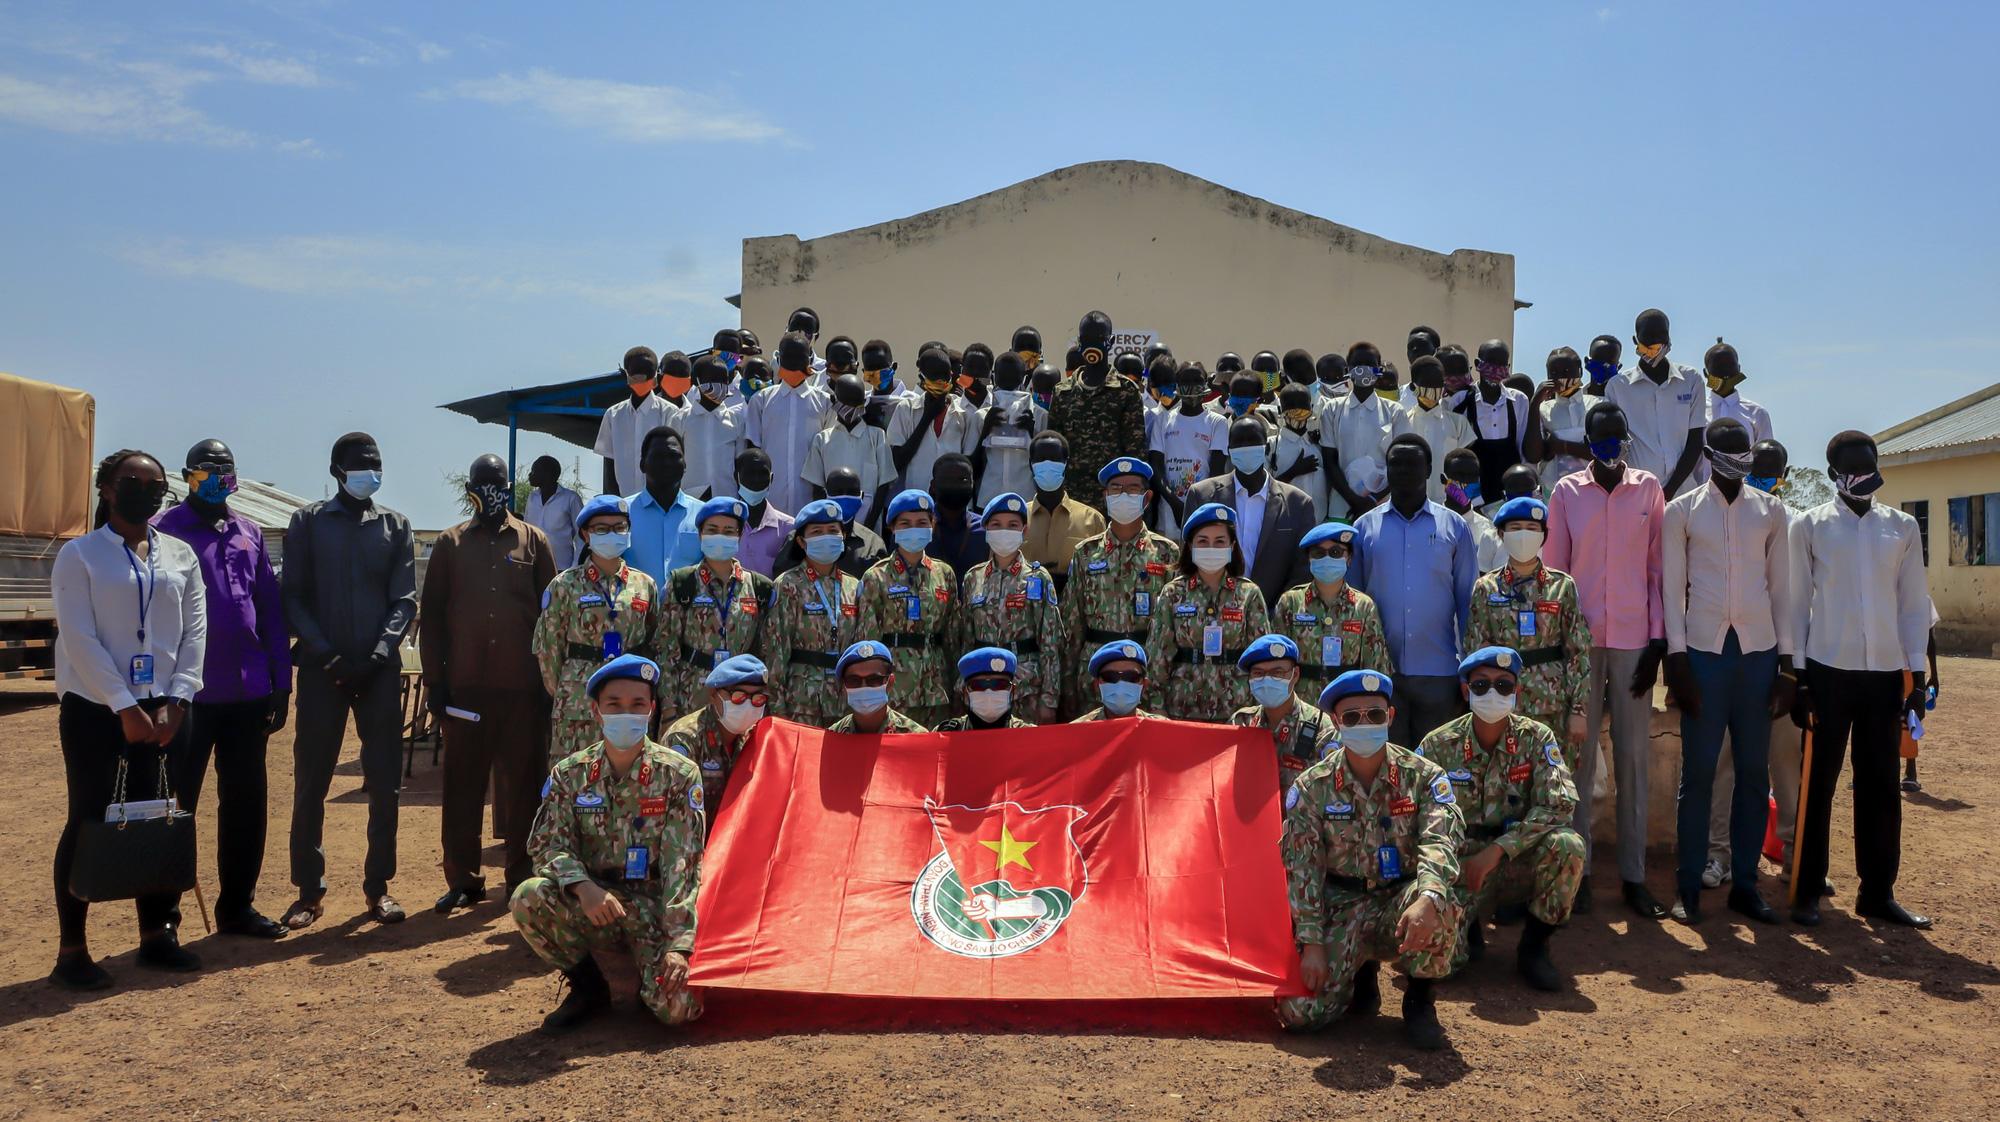 Bất ngờ tranh kỷ niệm Quốc khánh 2-9 của Bệnh viện dã chiến mũ nồi xanh Việt Nam tại Nam Sudan - Ảnh 2.